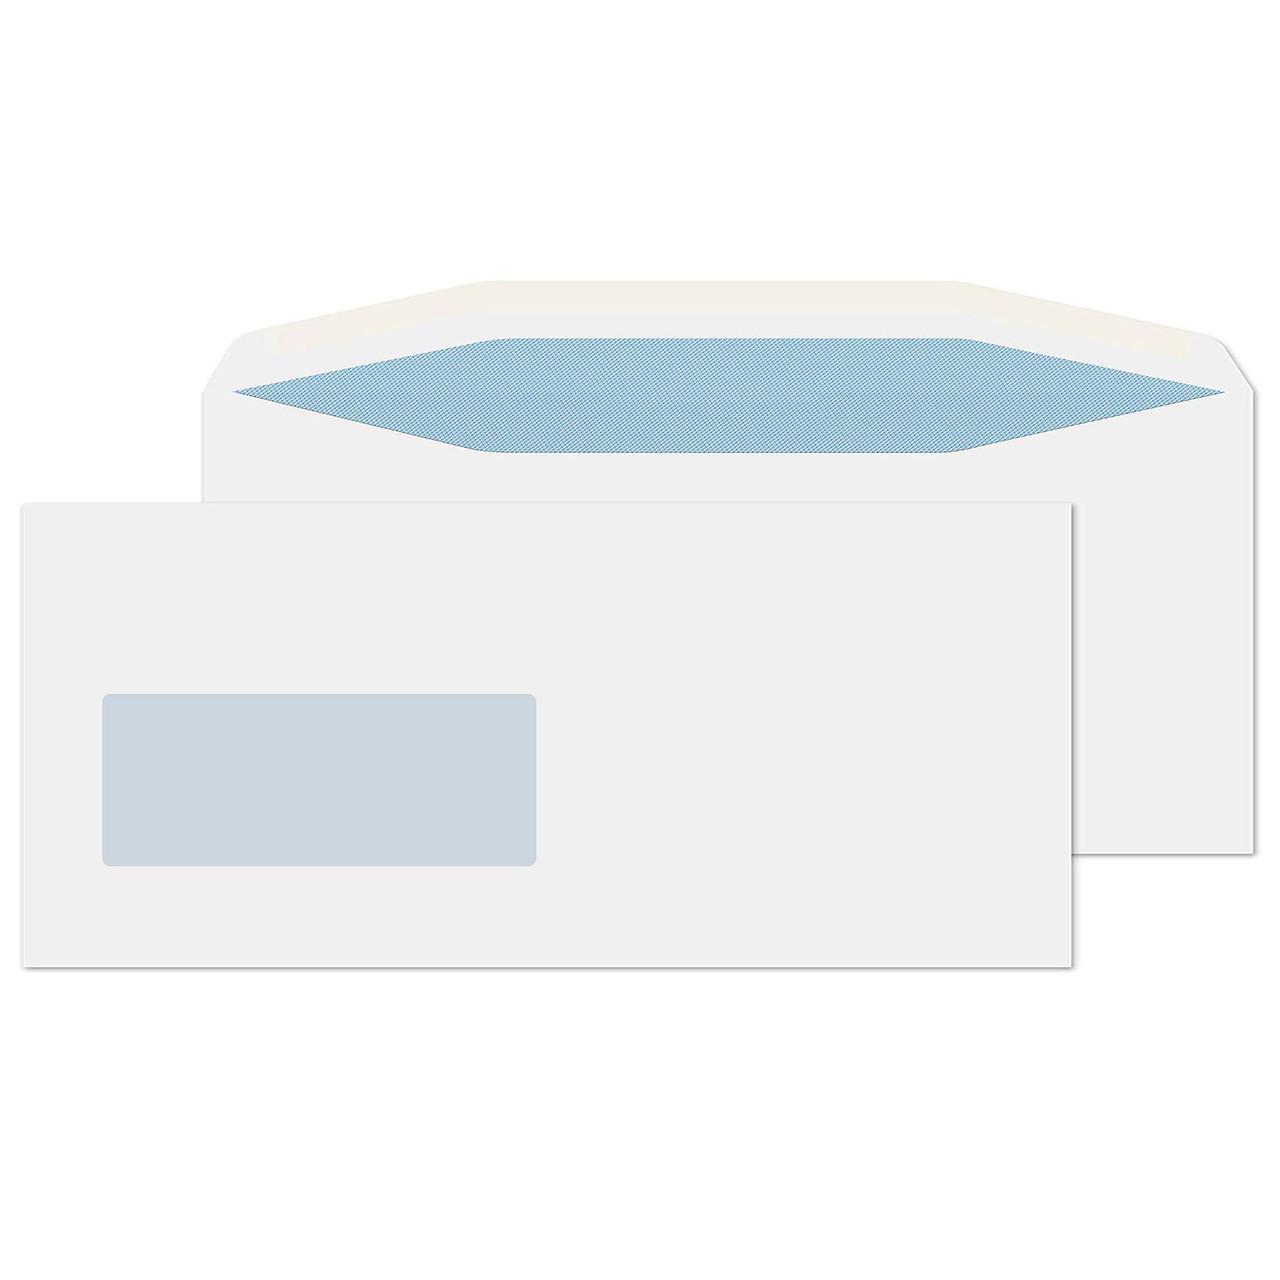 Folder Inserter Envelopes - DL Window - 1000pcs